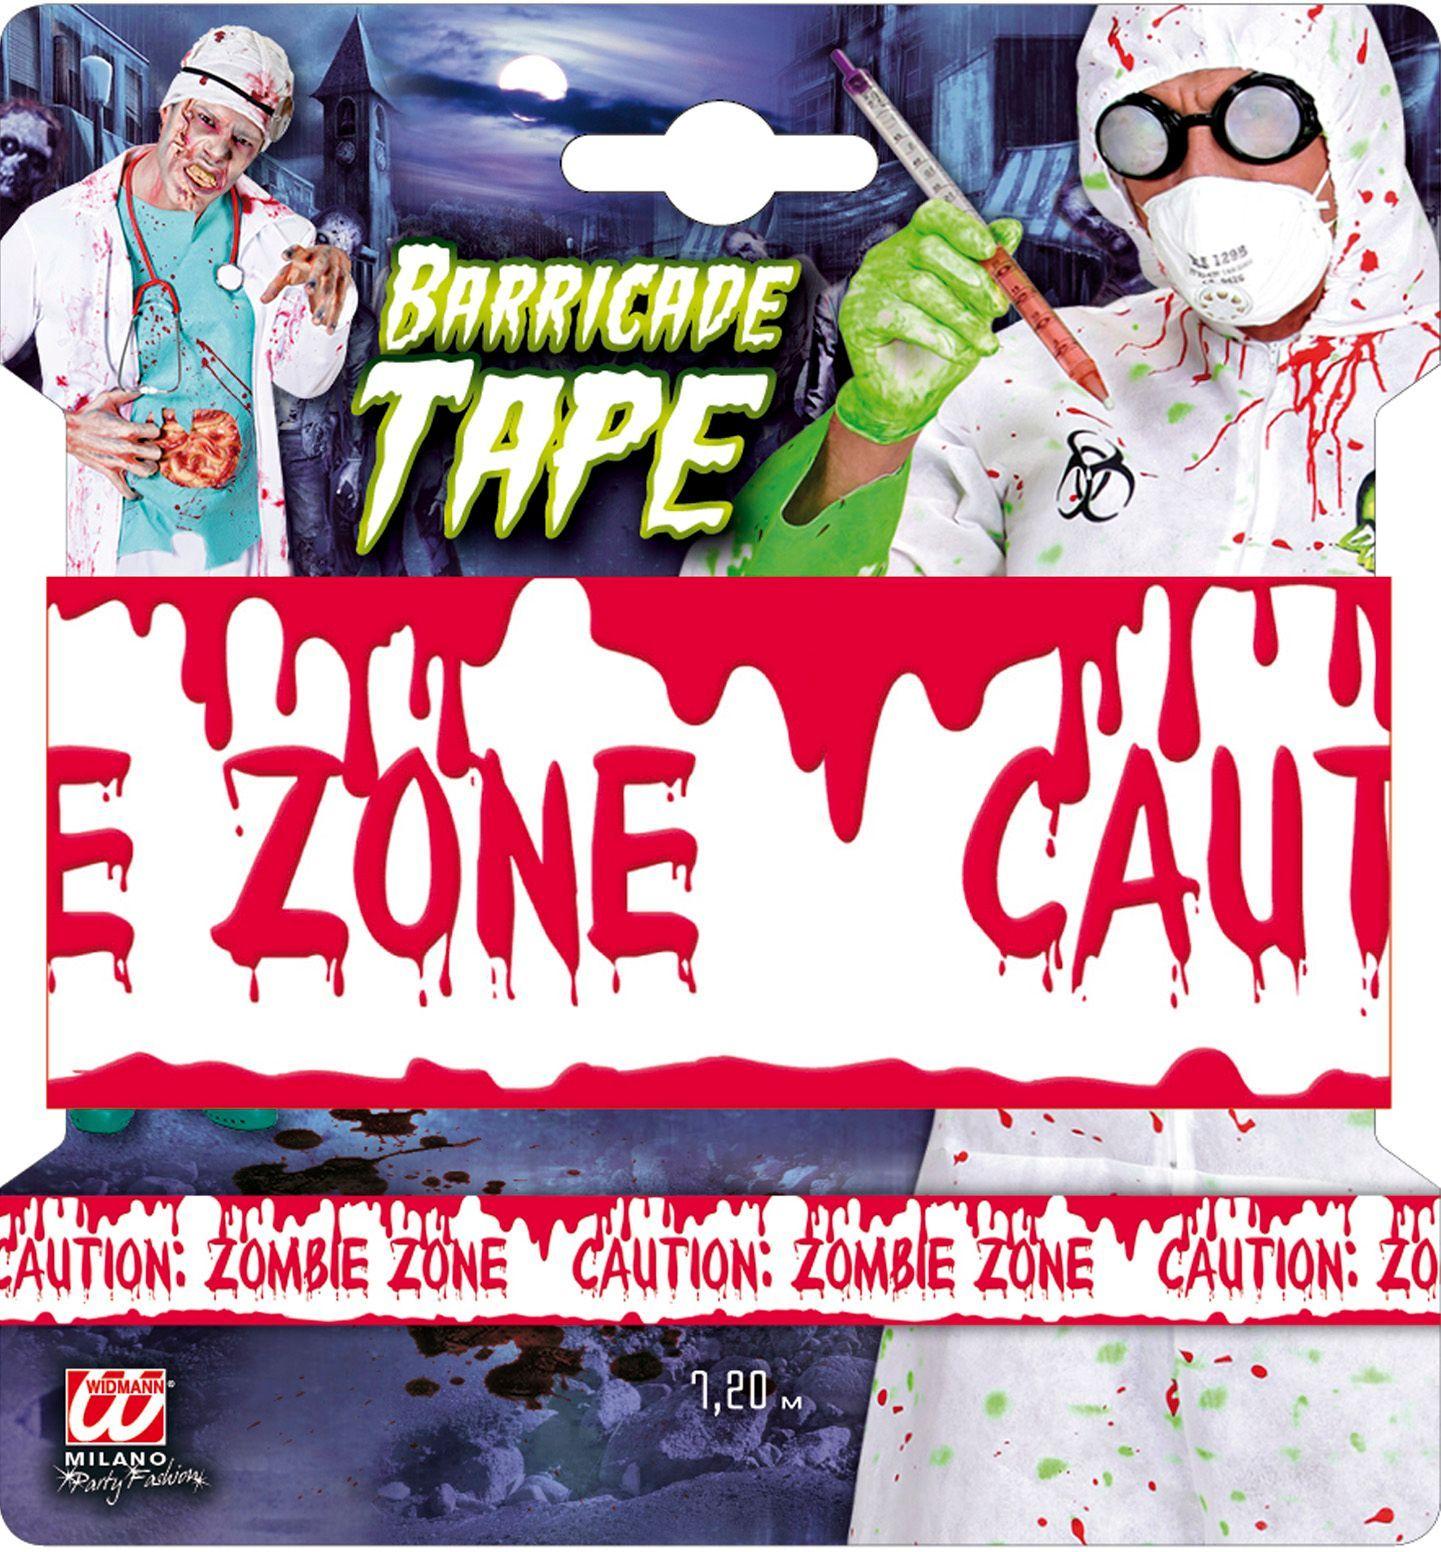 Waarschuwingstape: Zombie zone